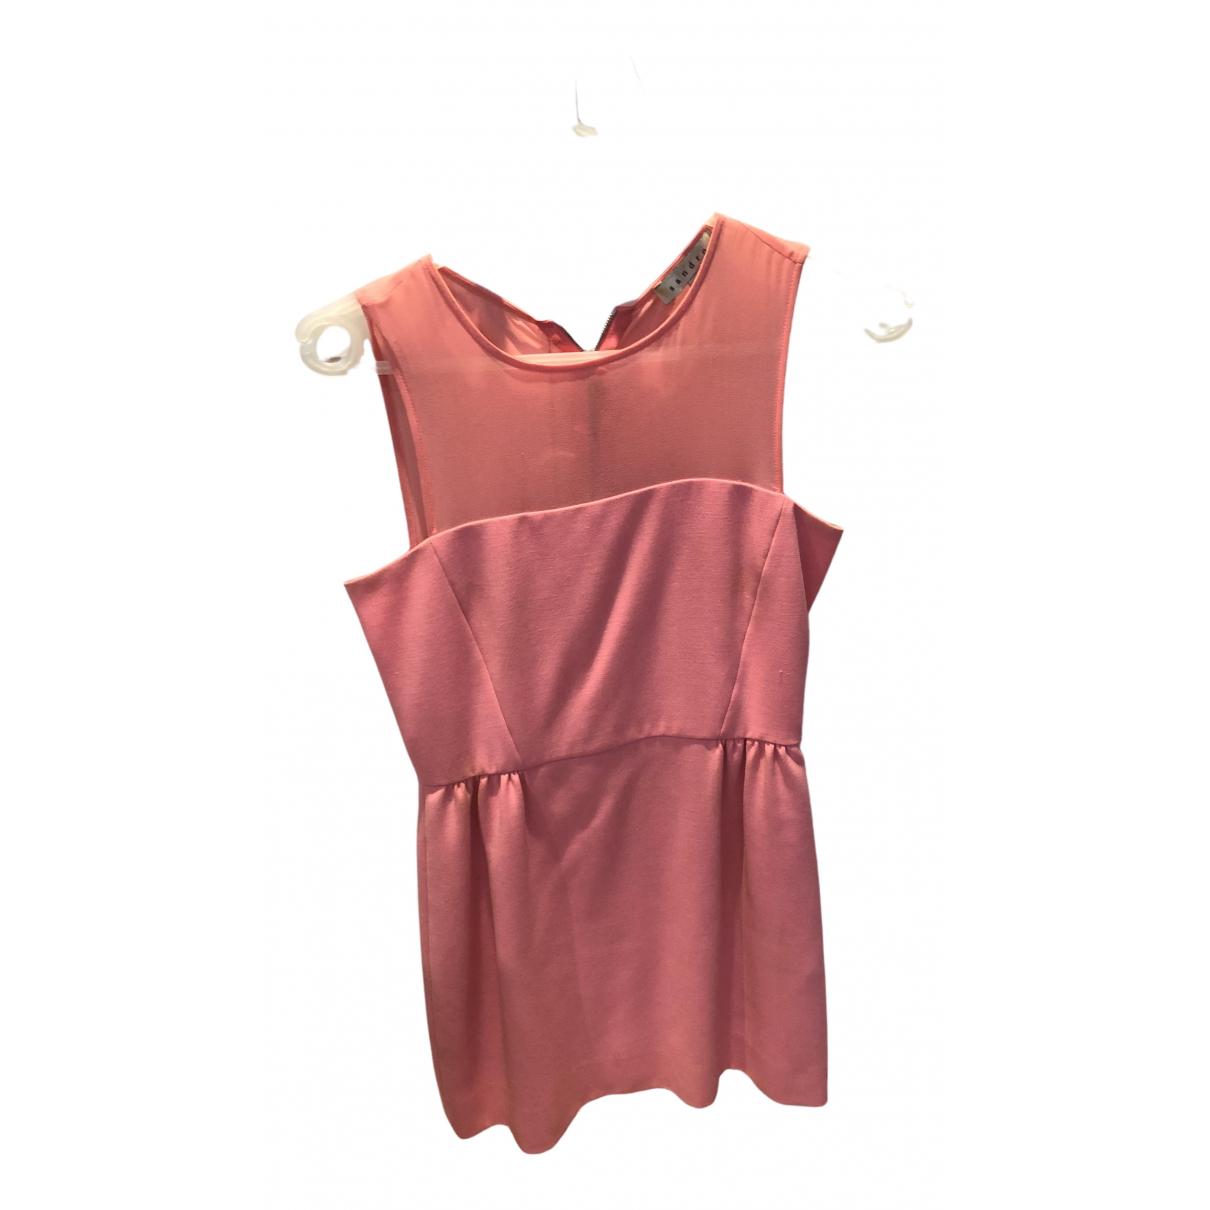 Sandro \N Kleid in  Rosa Viskose